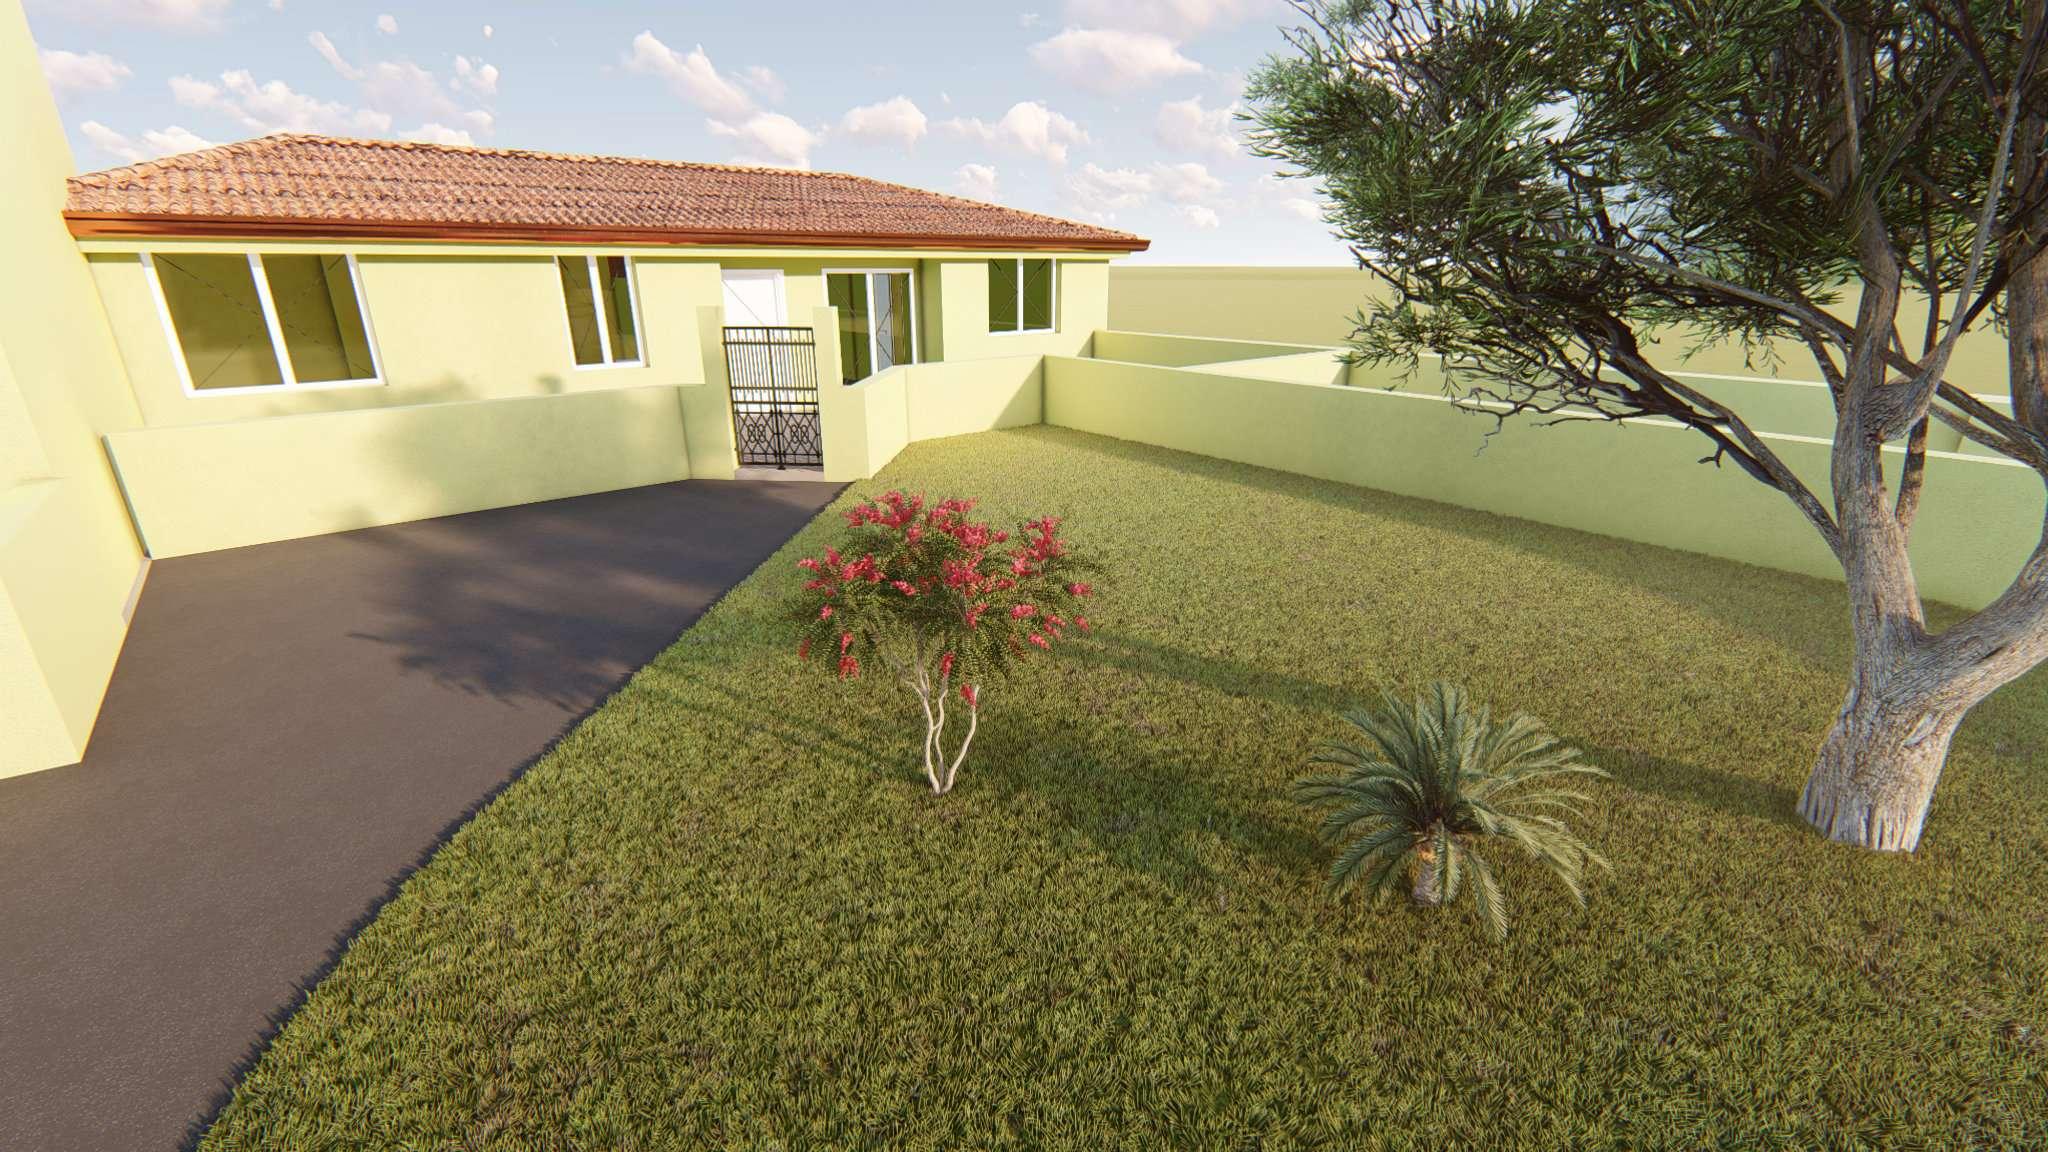 Villa in vendita a Albairate, 3 locali, prezzo € 220.000   CambioCasa.it